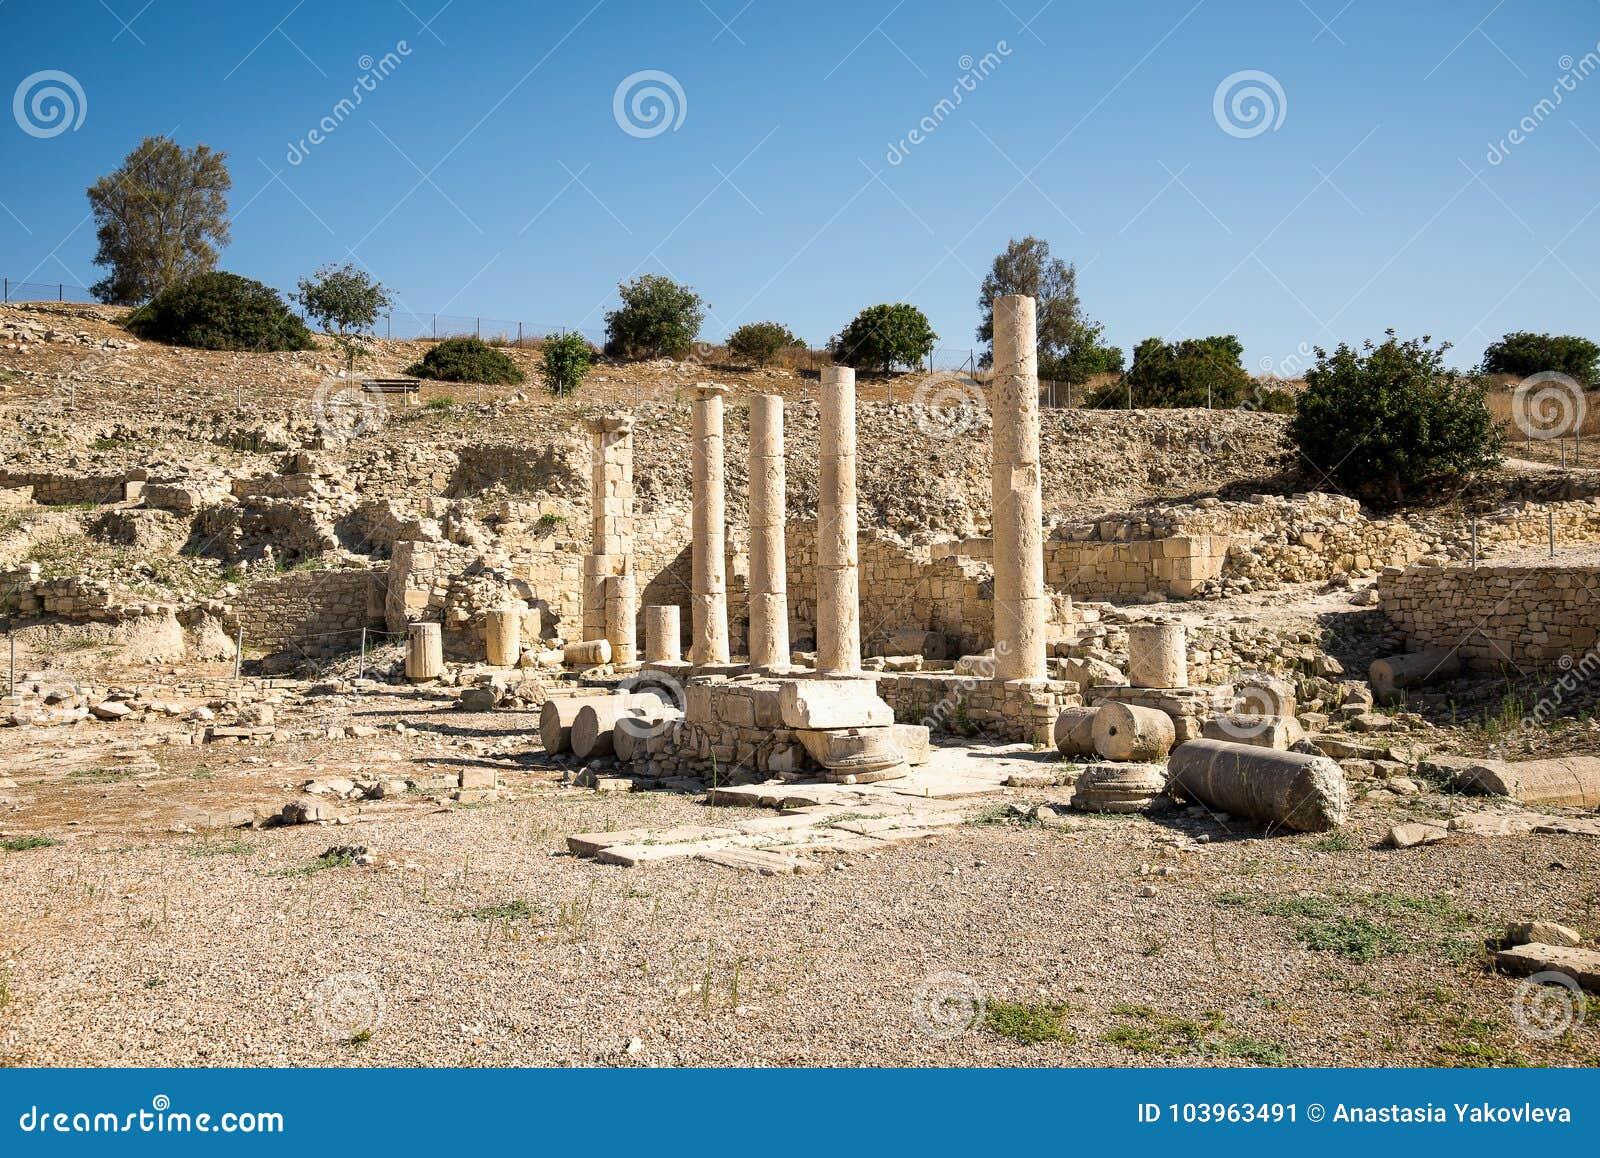 Een reeks kolommen in oude de stads archeologische plaats van Amathus in Limassol